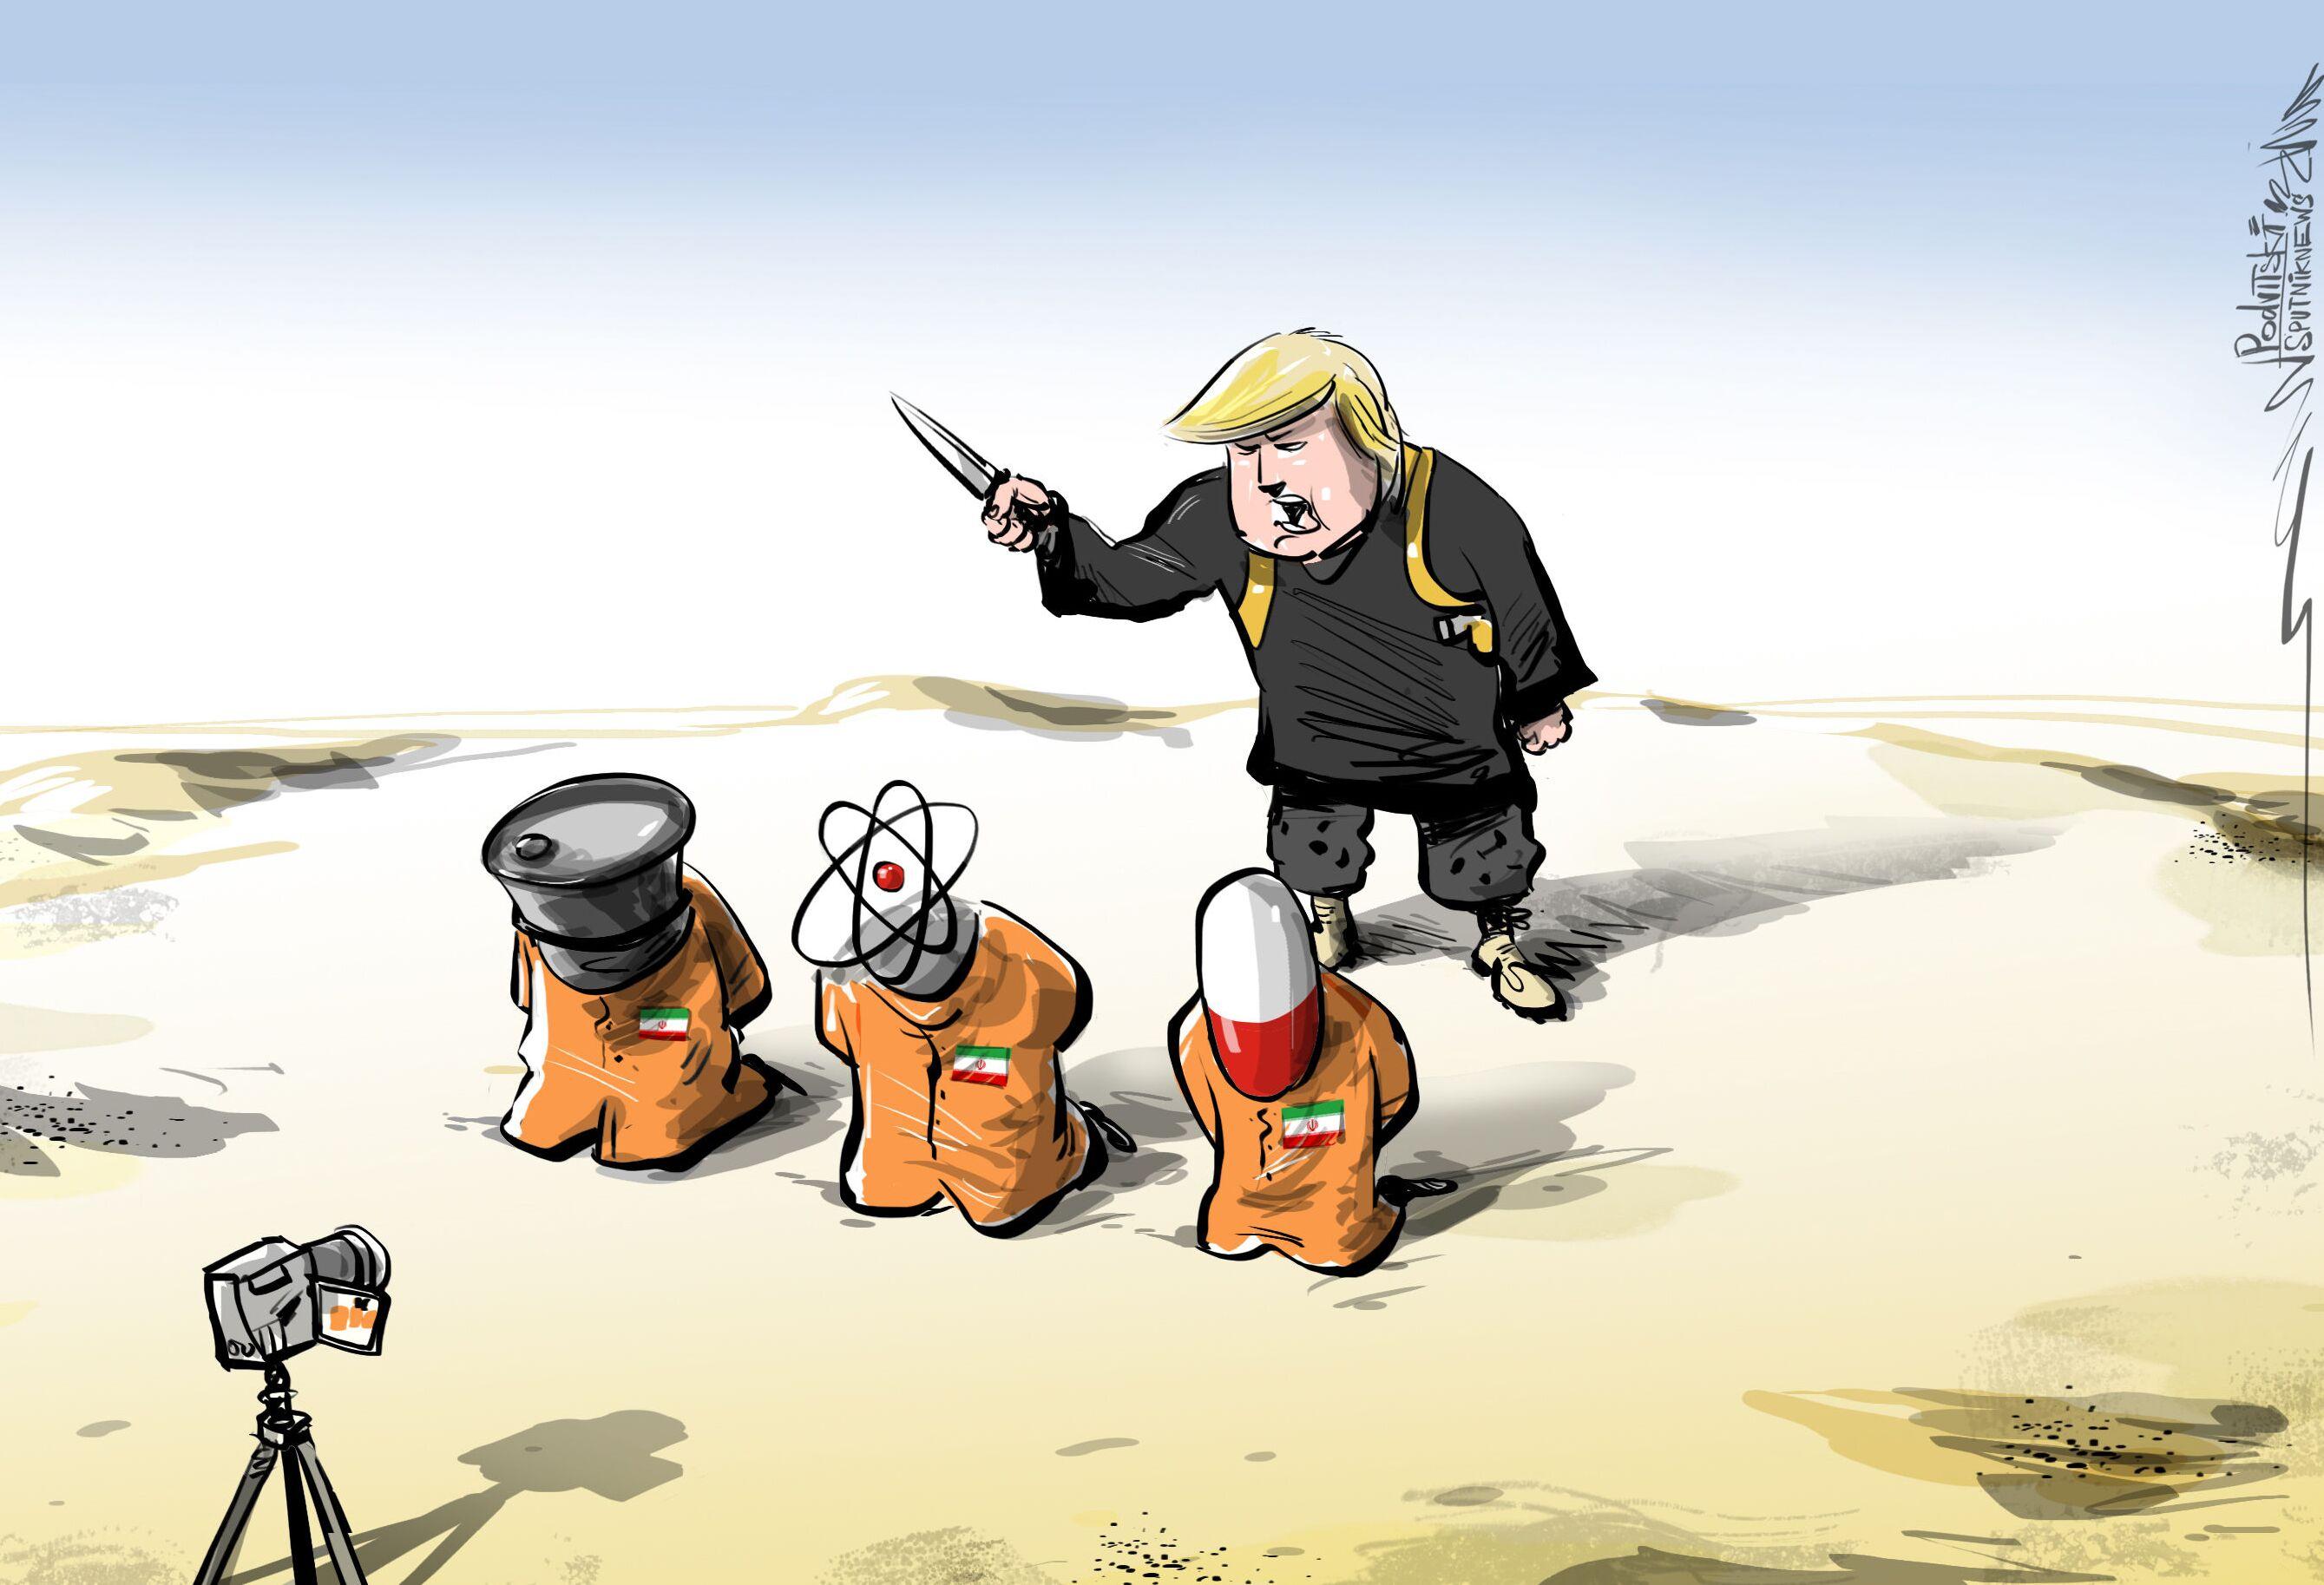 أوجد الفرق بين الإرهاب والعقوبات الأمريكية